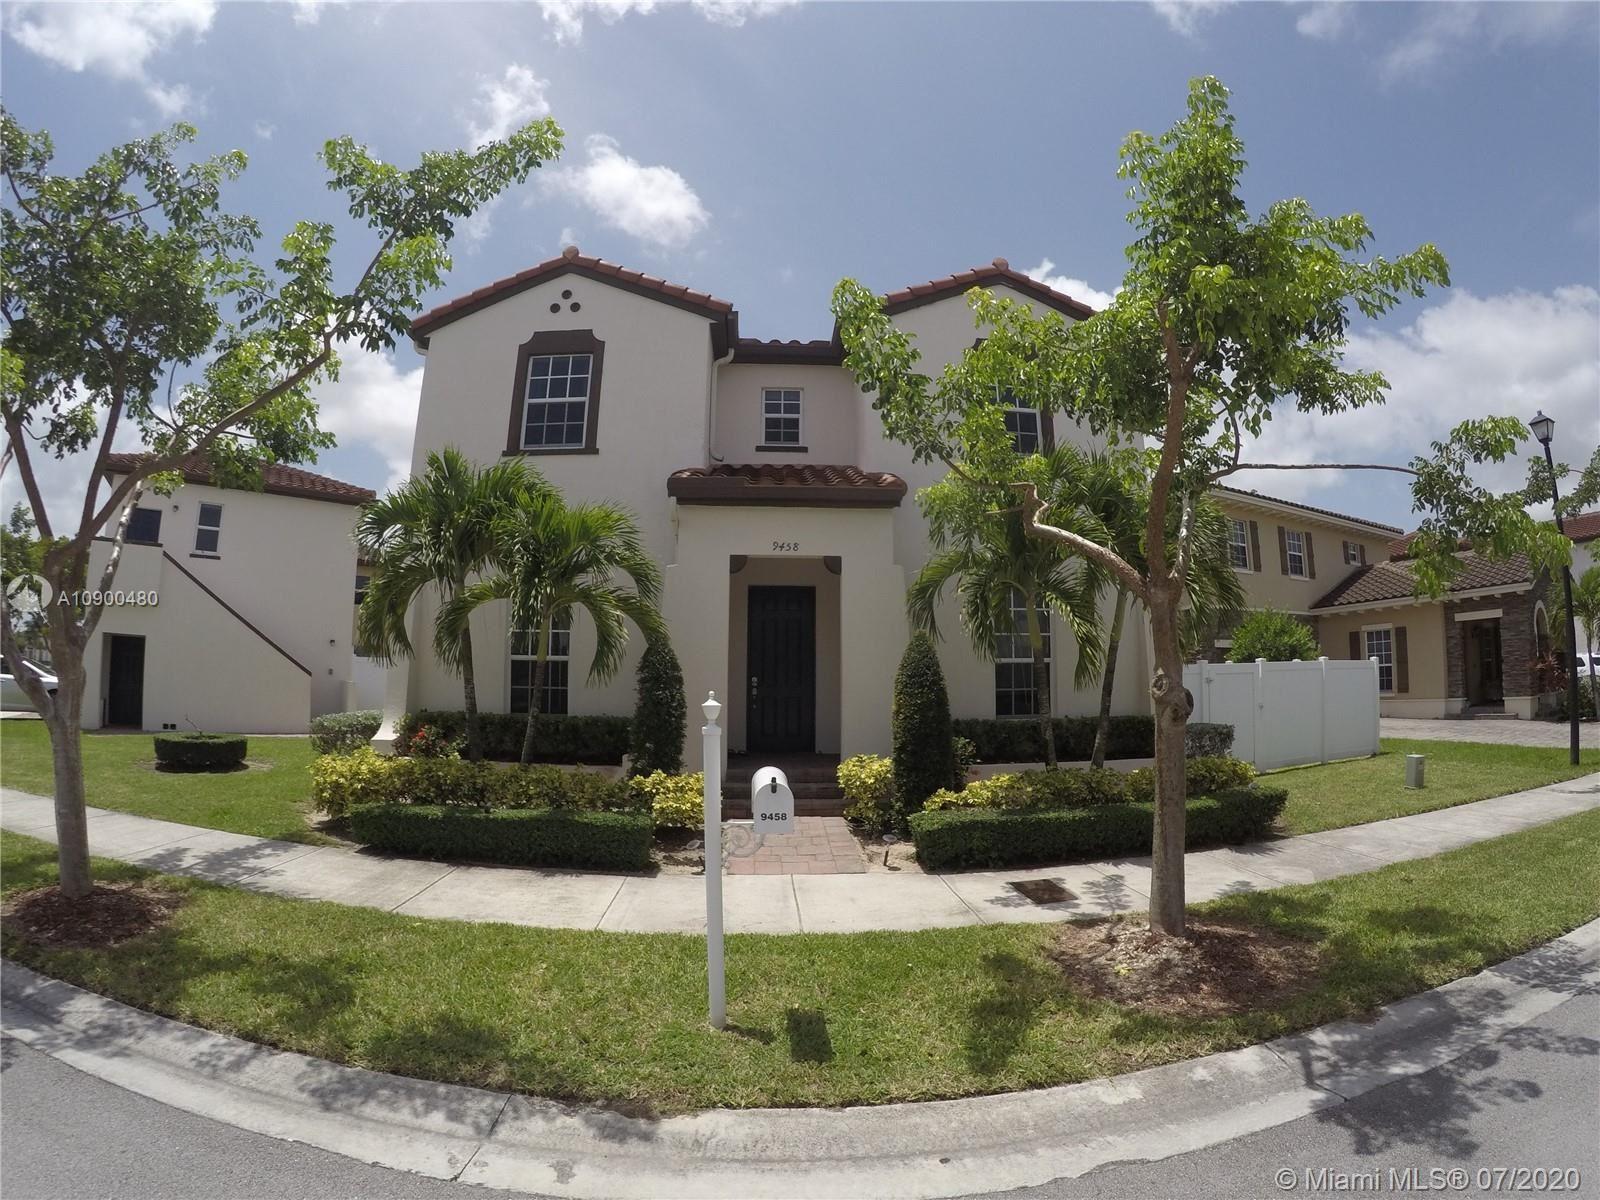 9458 SW 170th Path, Miami, FL 33196 - #: A10900480